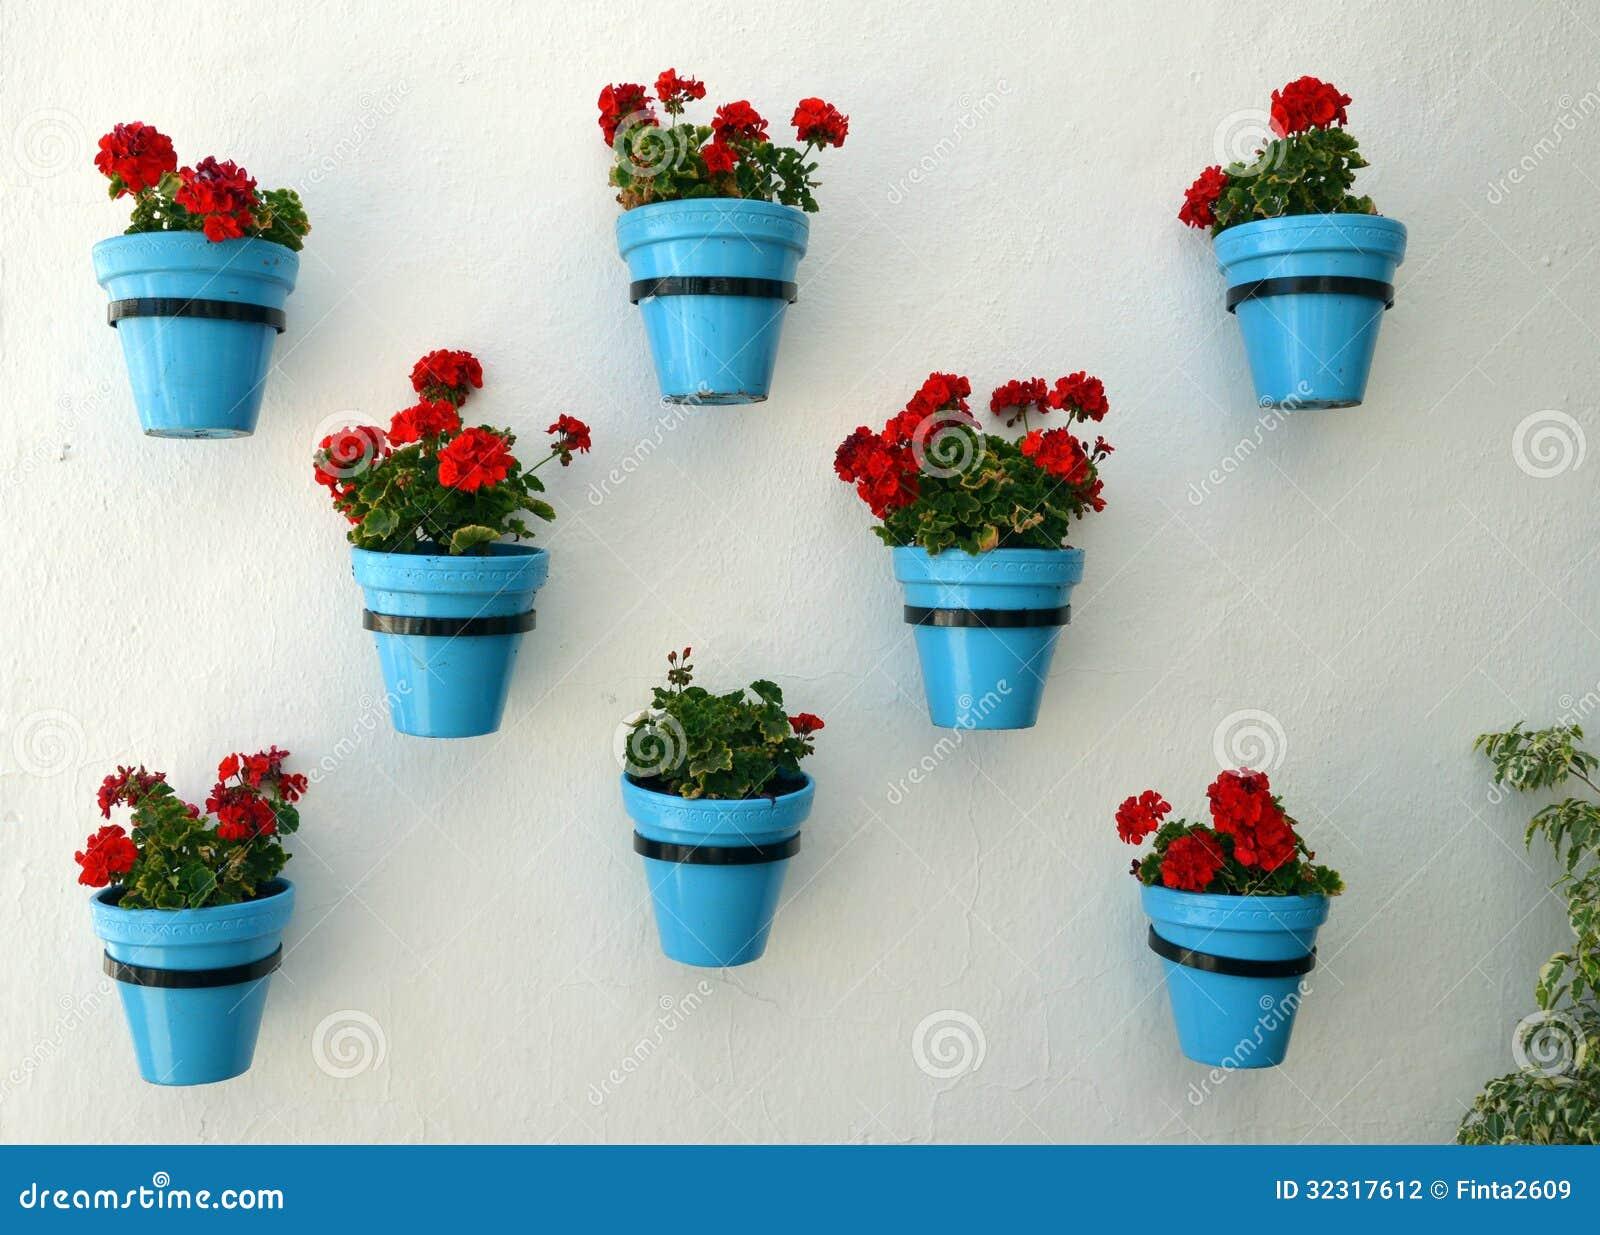 Держатели для горшков с цветами